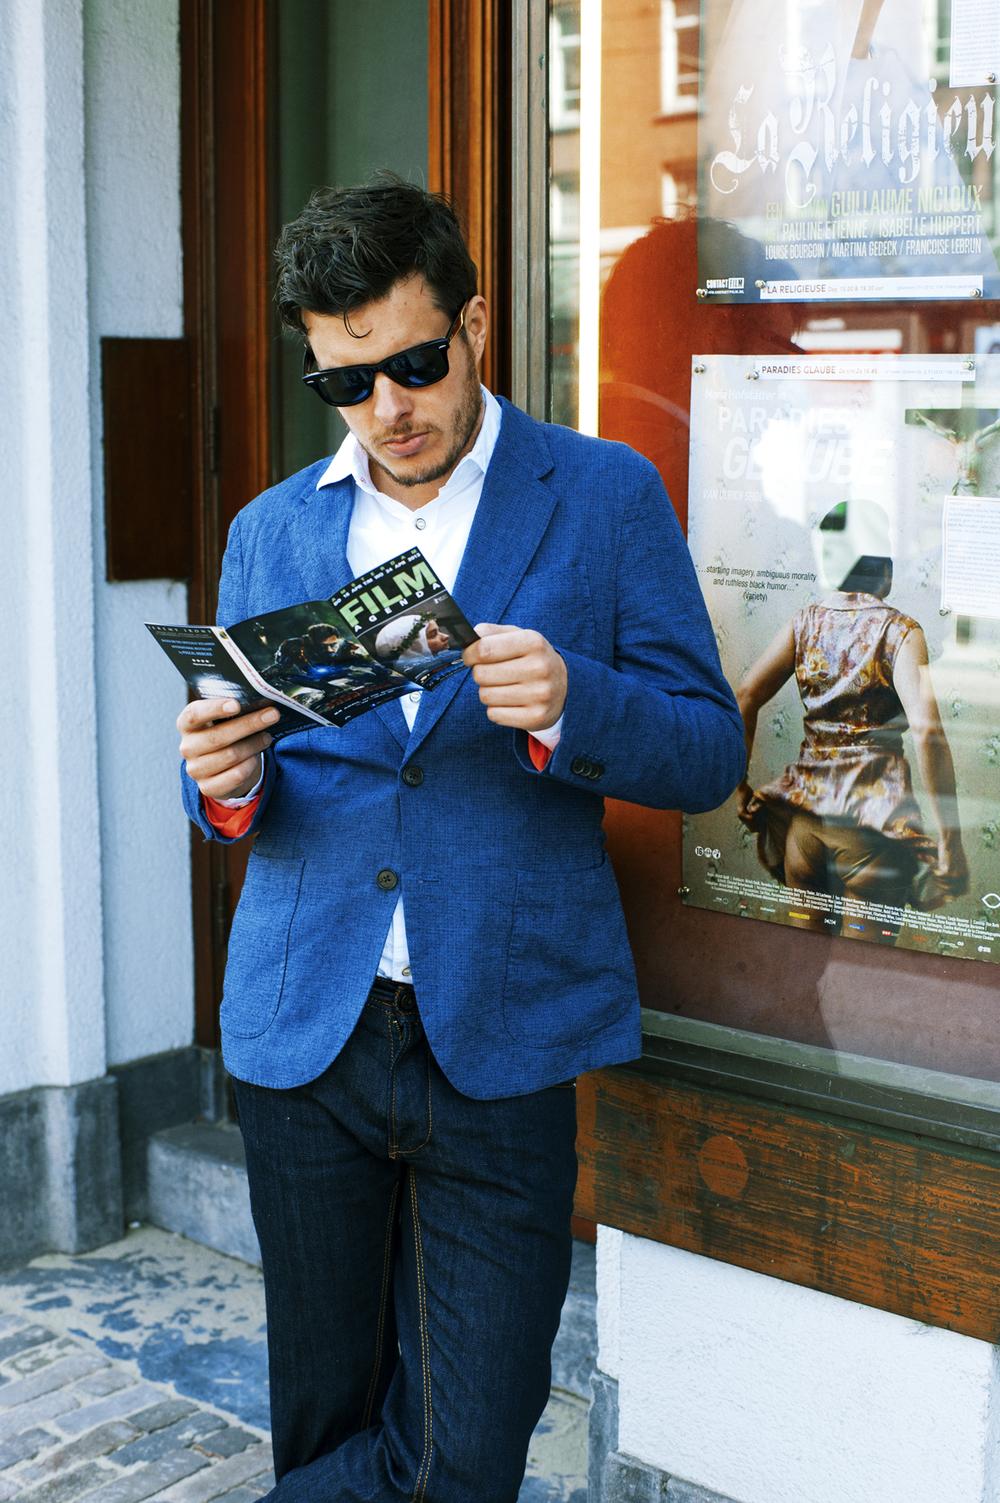 Filemon Wesselink // Deen magazine